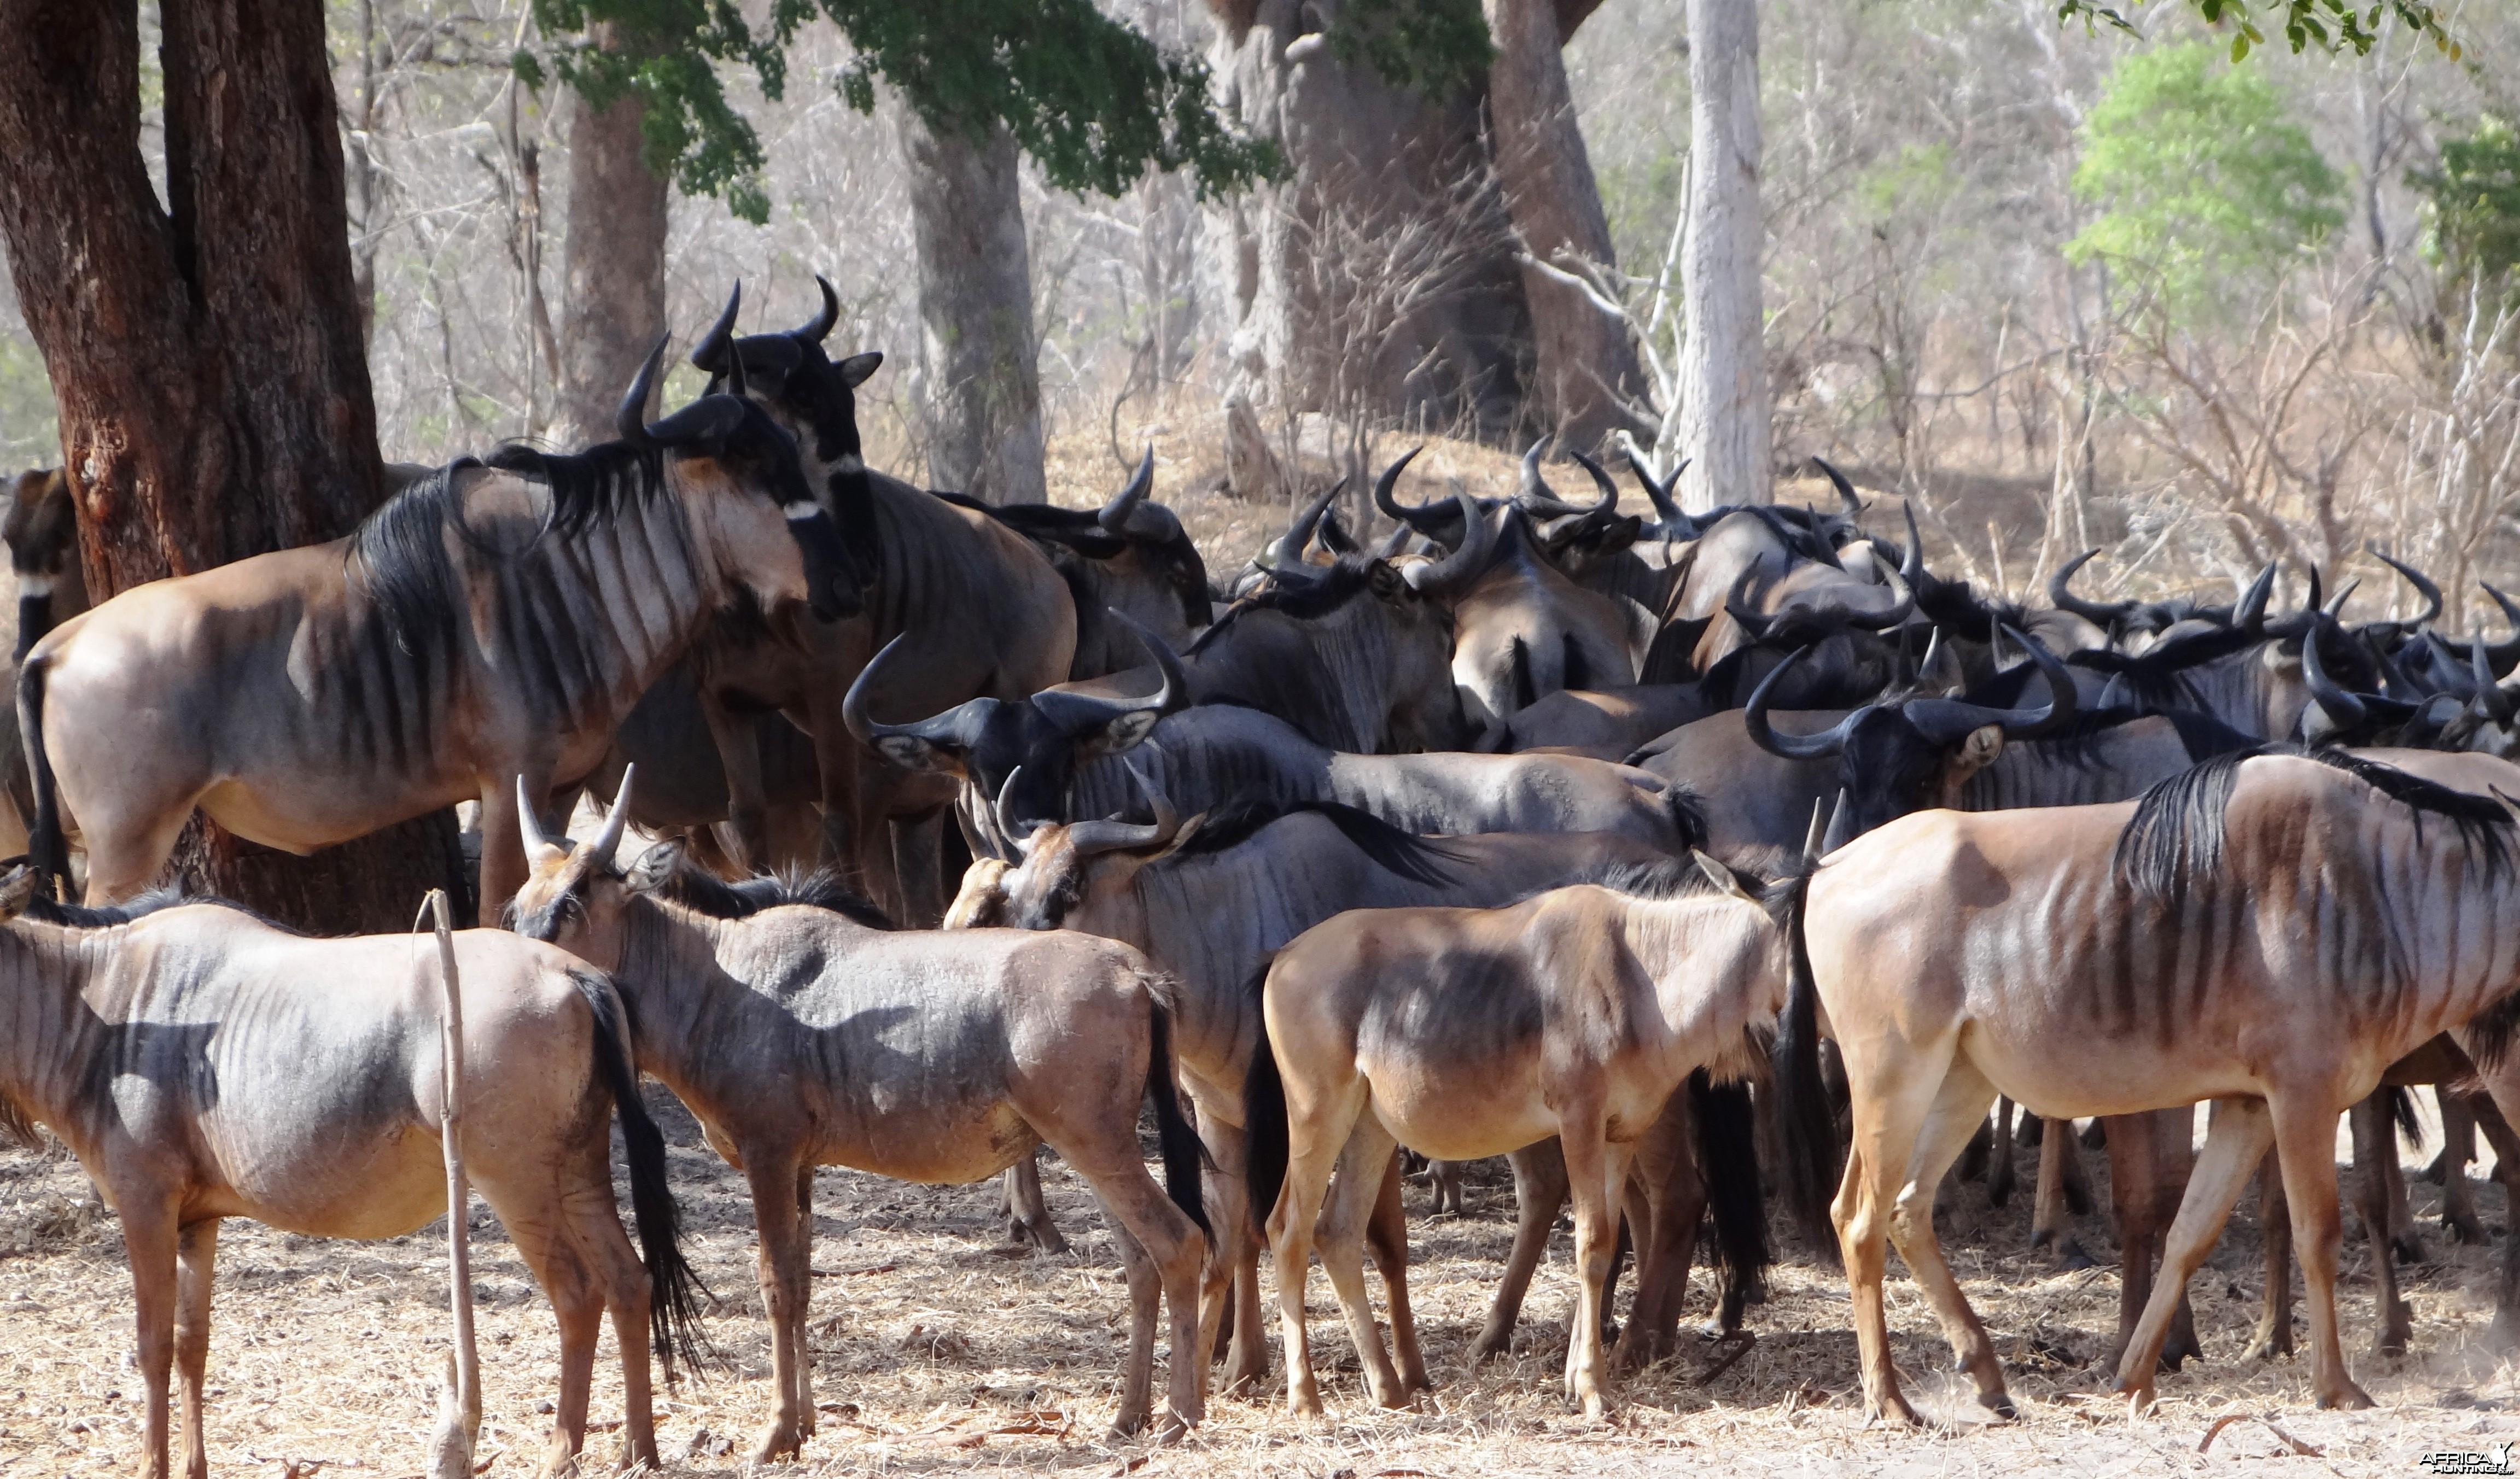 Nyasaland Gnu - Tanzania